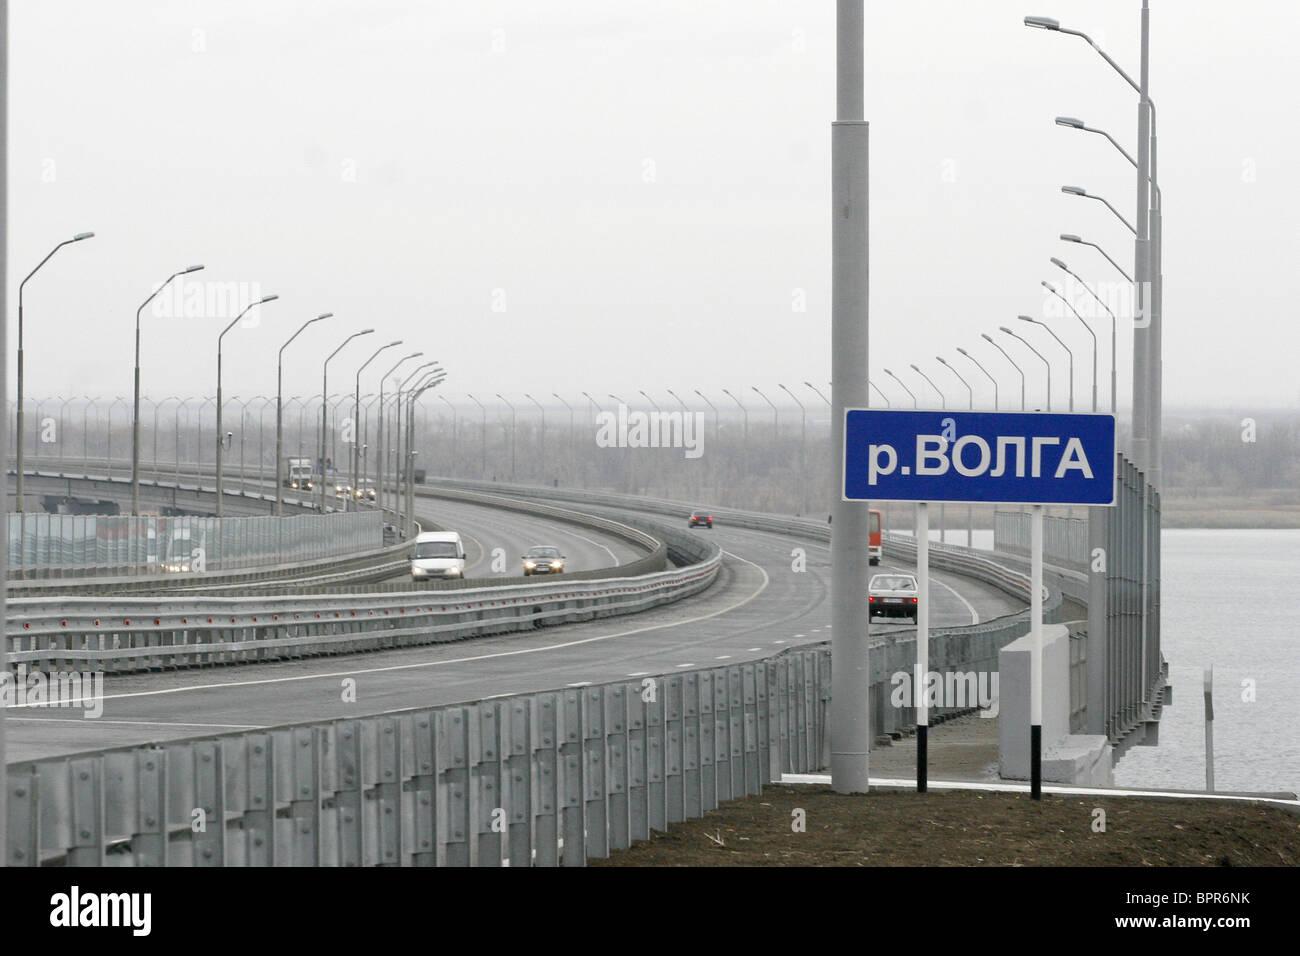 New bridge across Volga River appears in Saratov - Stock Image